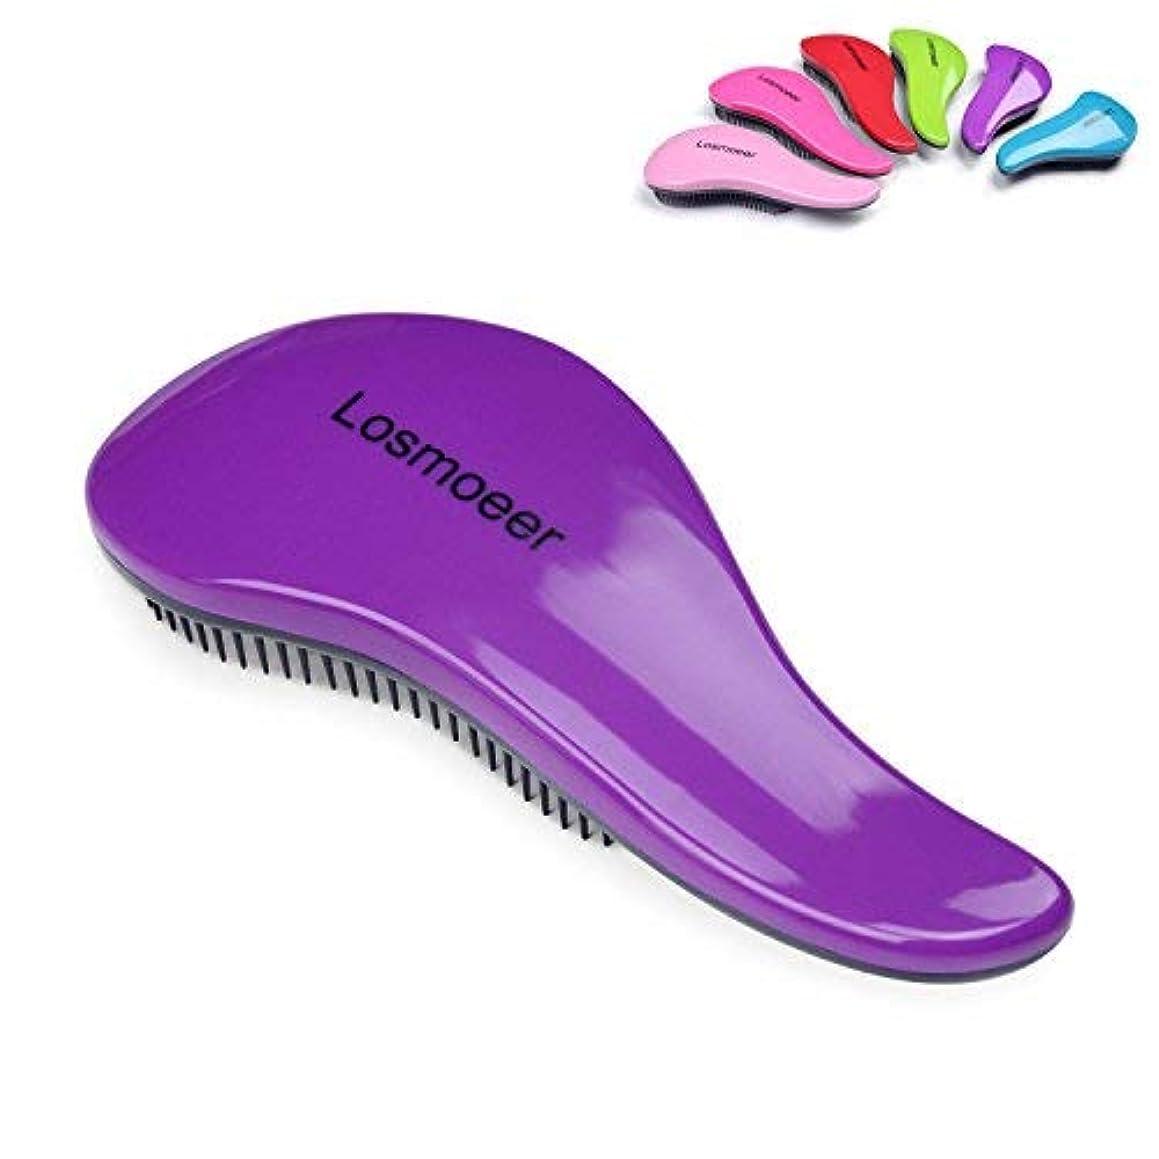 記録楽しませるシリングLOSMOEER Detangling Hair Brush - Professional Salon Elite Detangle Brush Detangler Hair Comb for Adults and Kids...